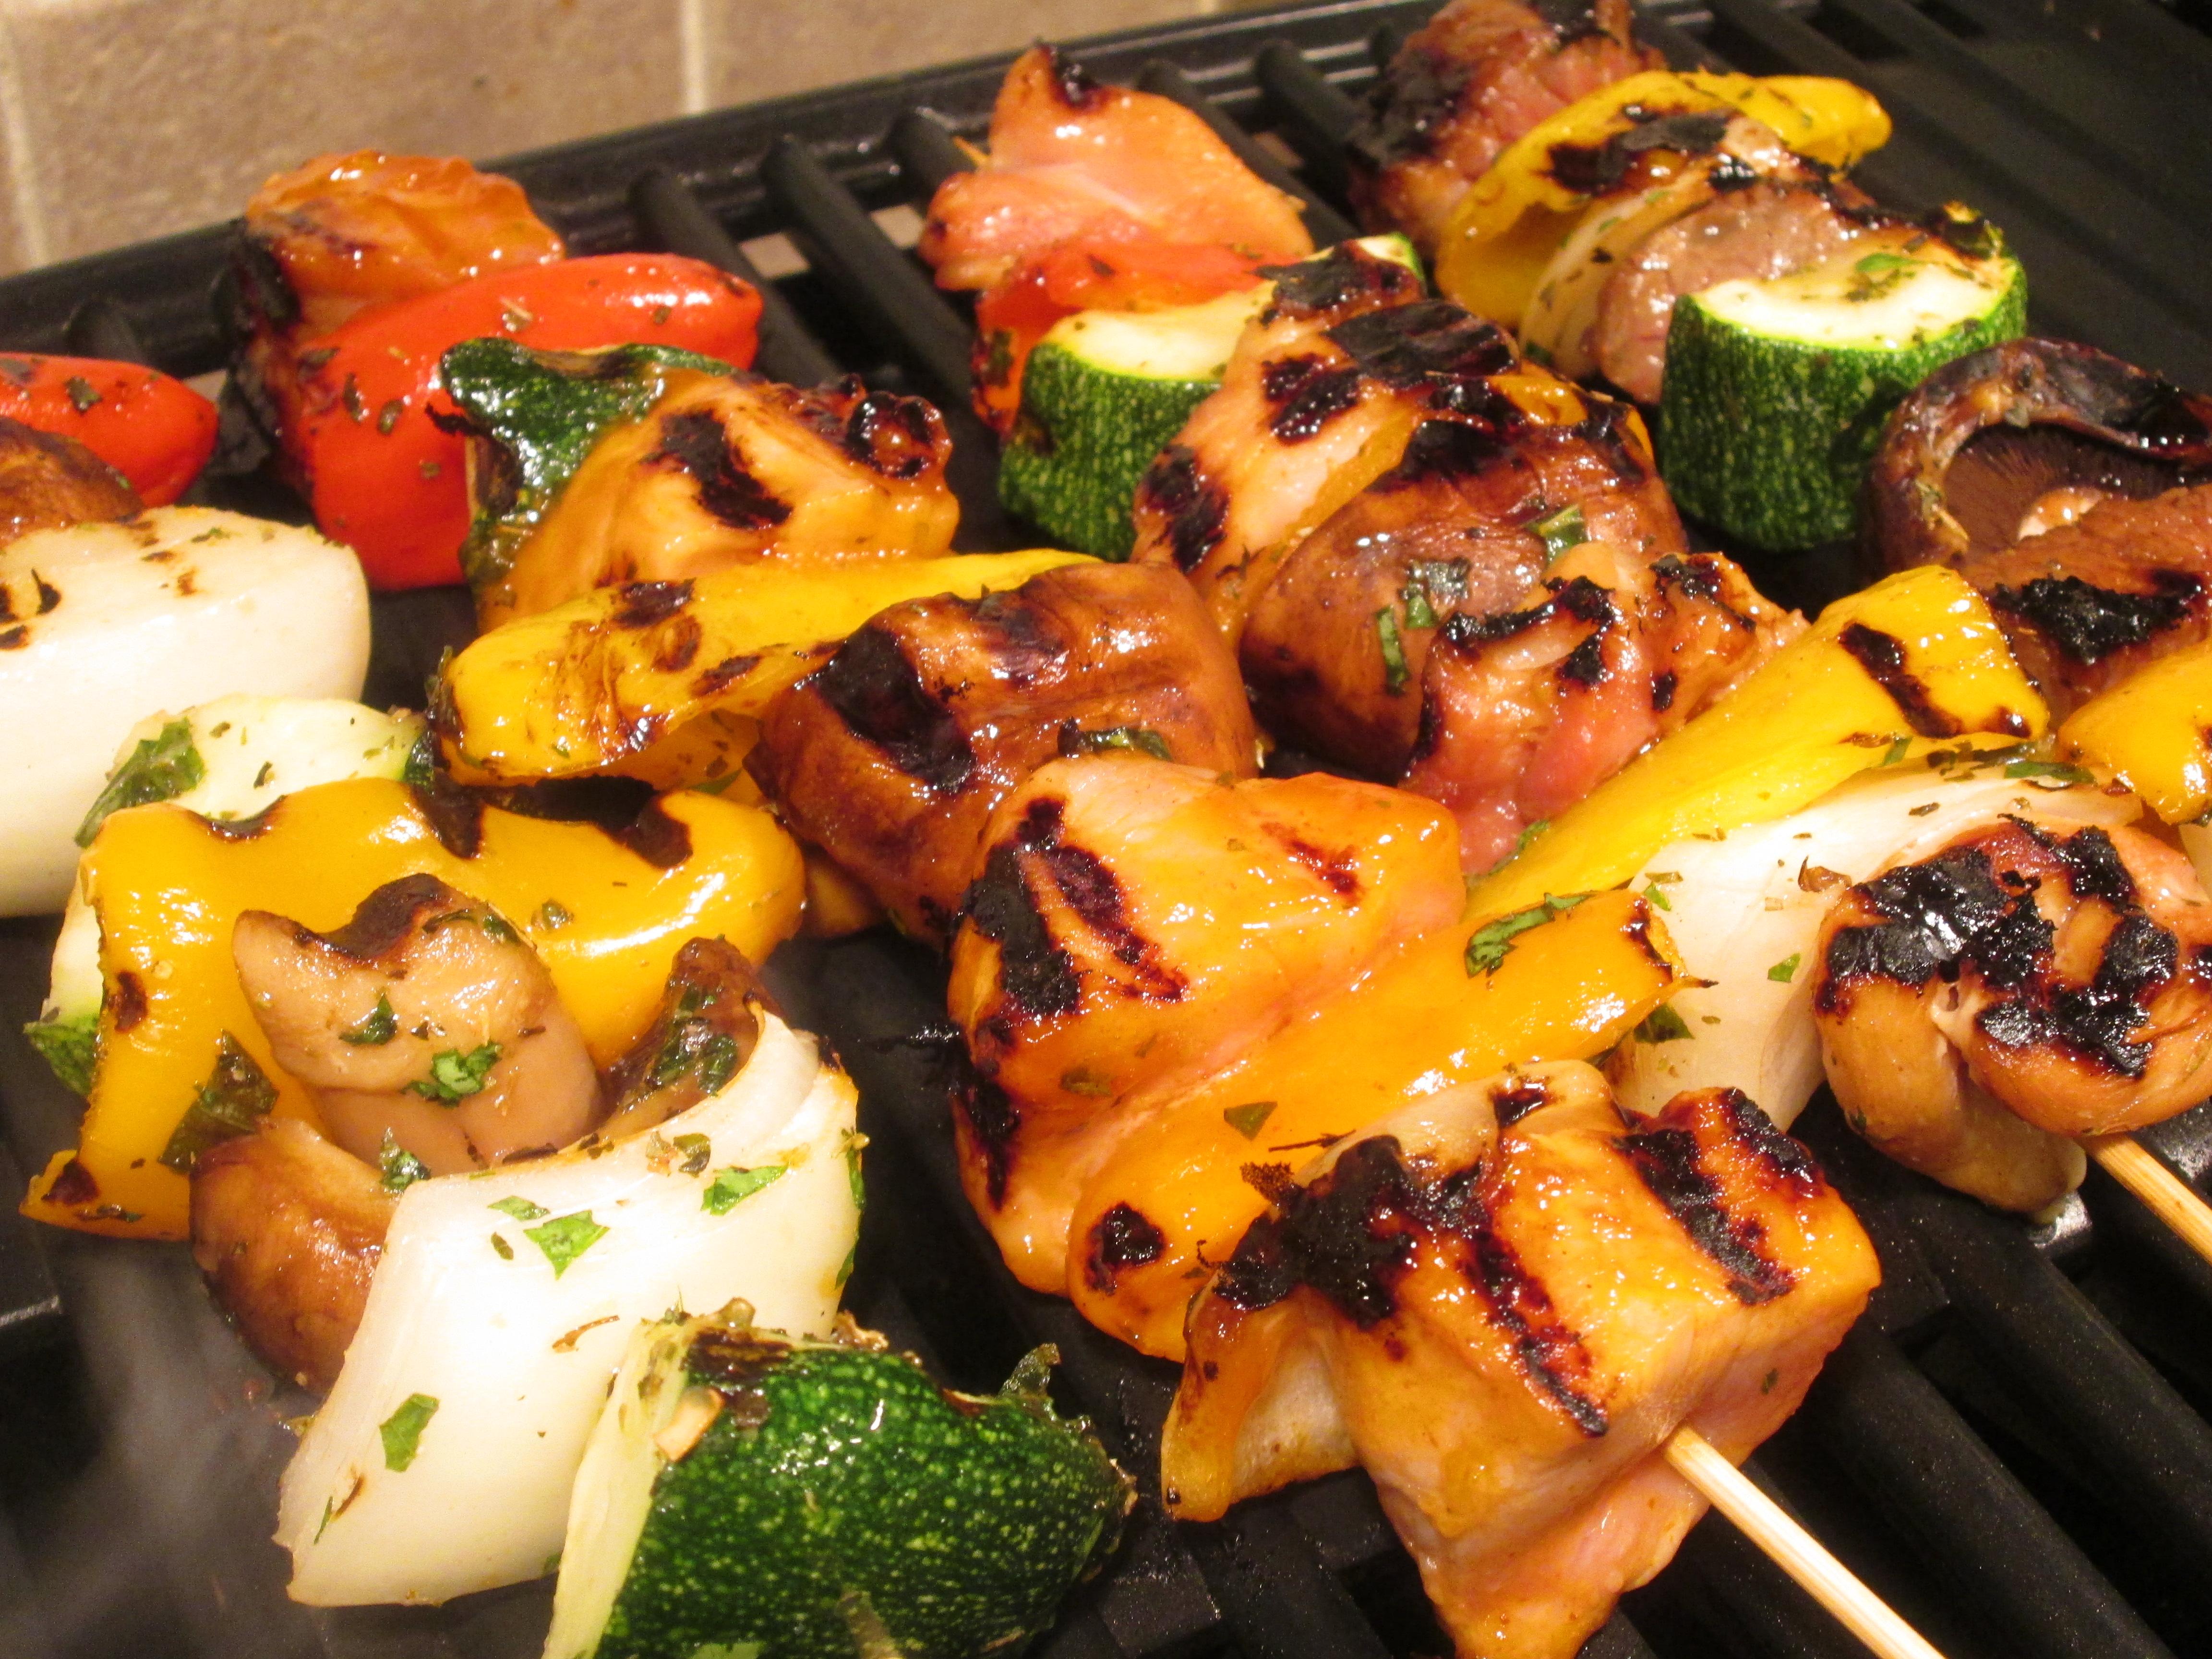 Teriyaki and Mesquite Shish Kebabs